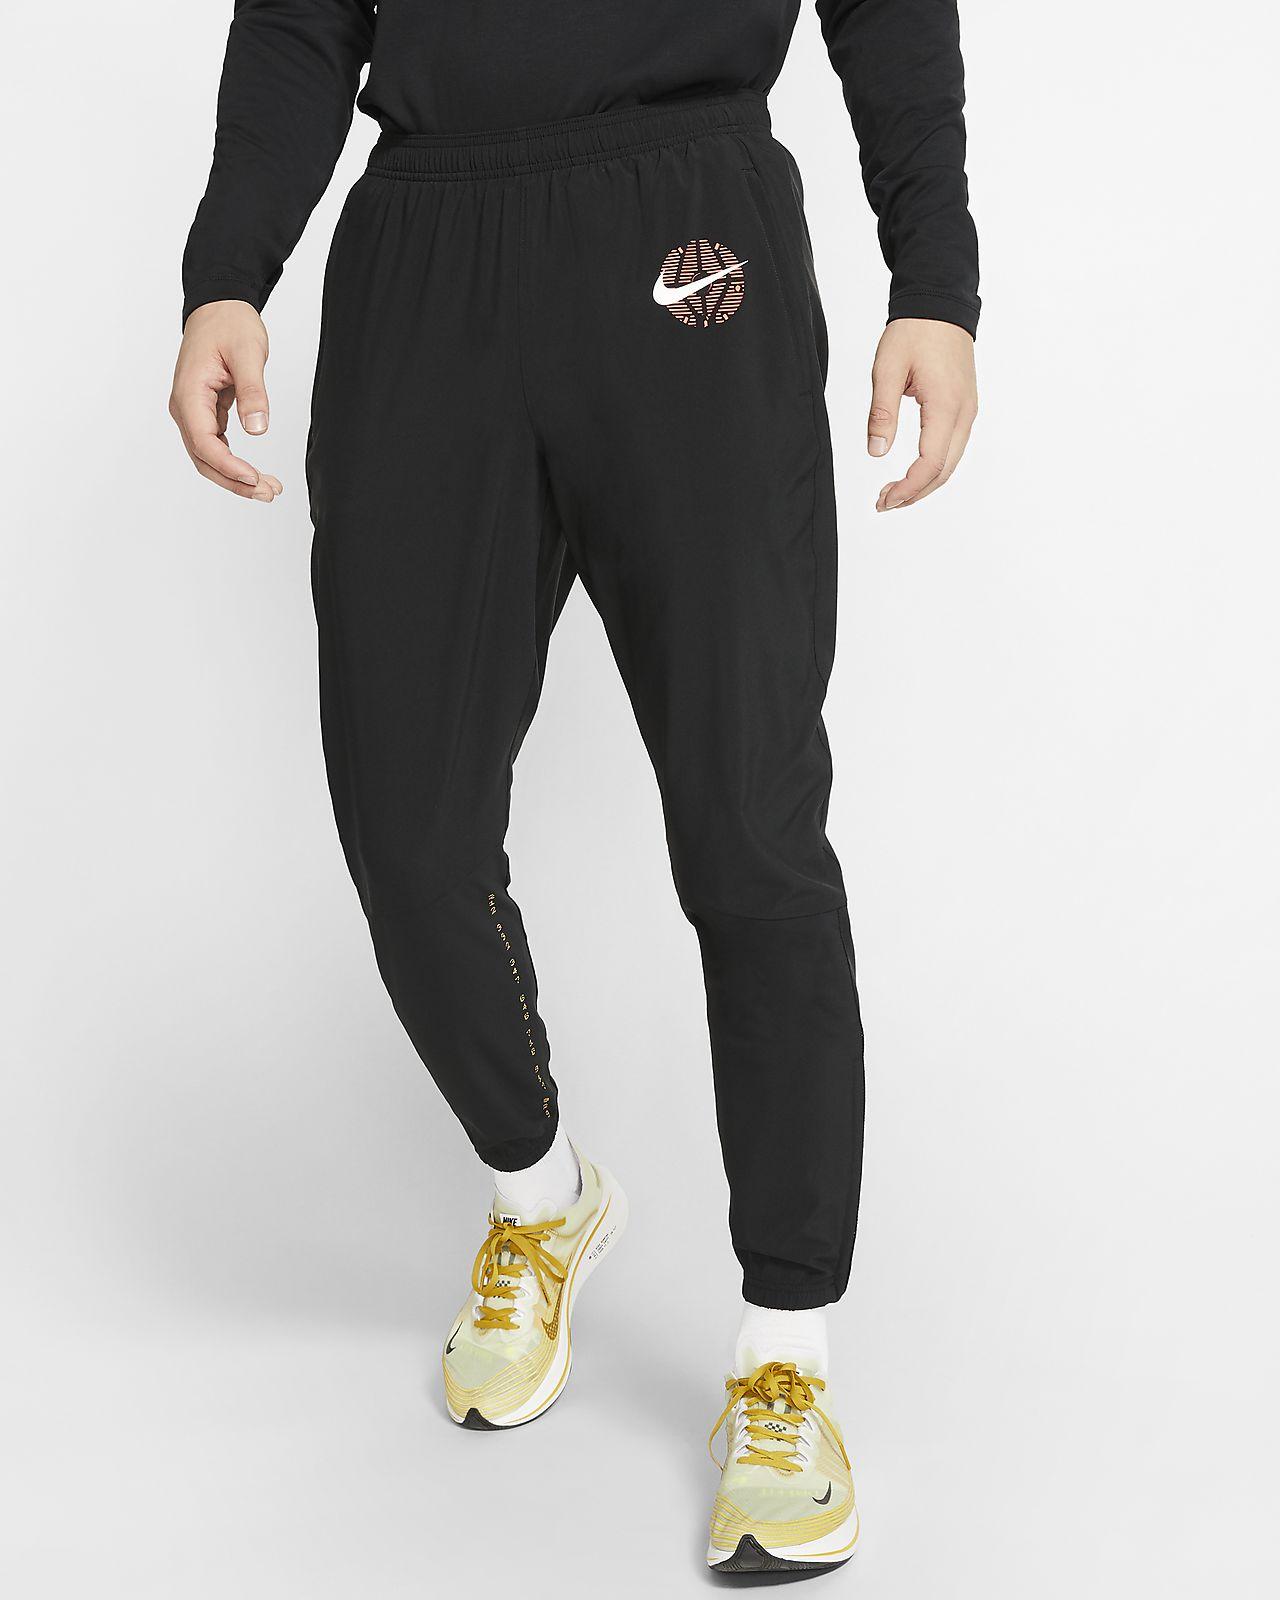 Pantalon de running tissé Nike NYC pour Homme